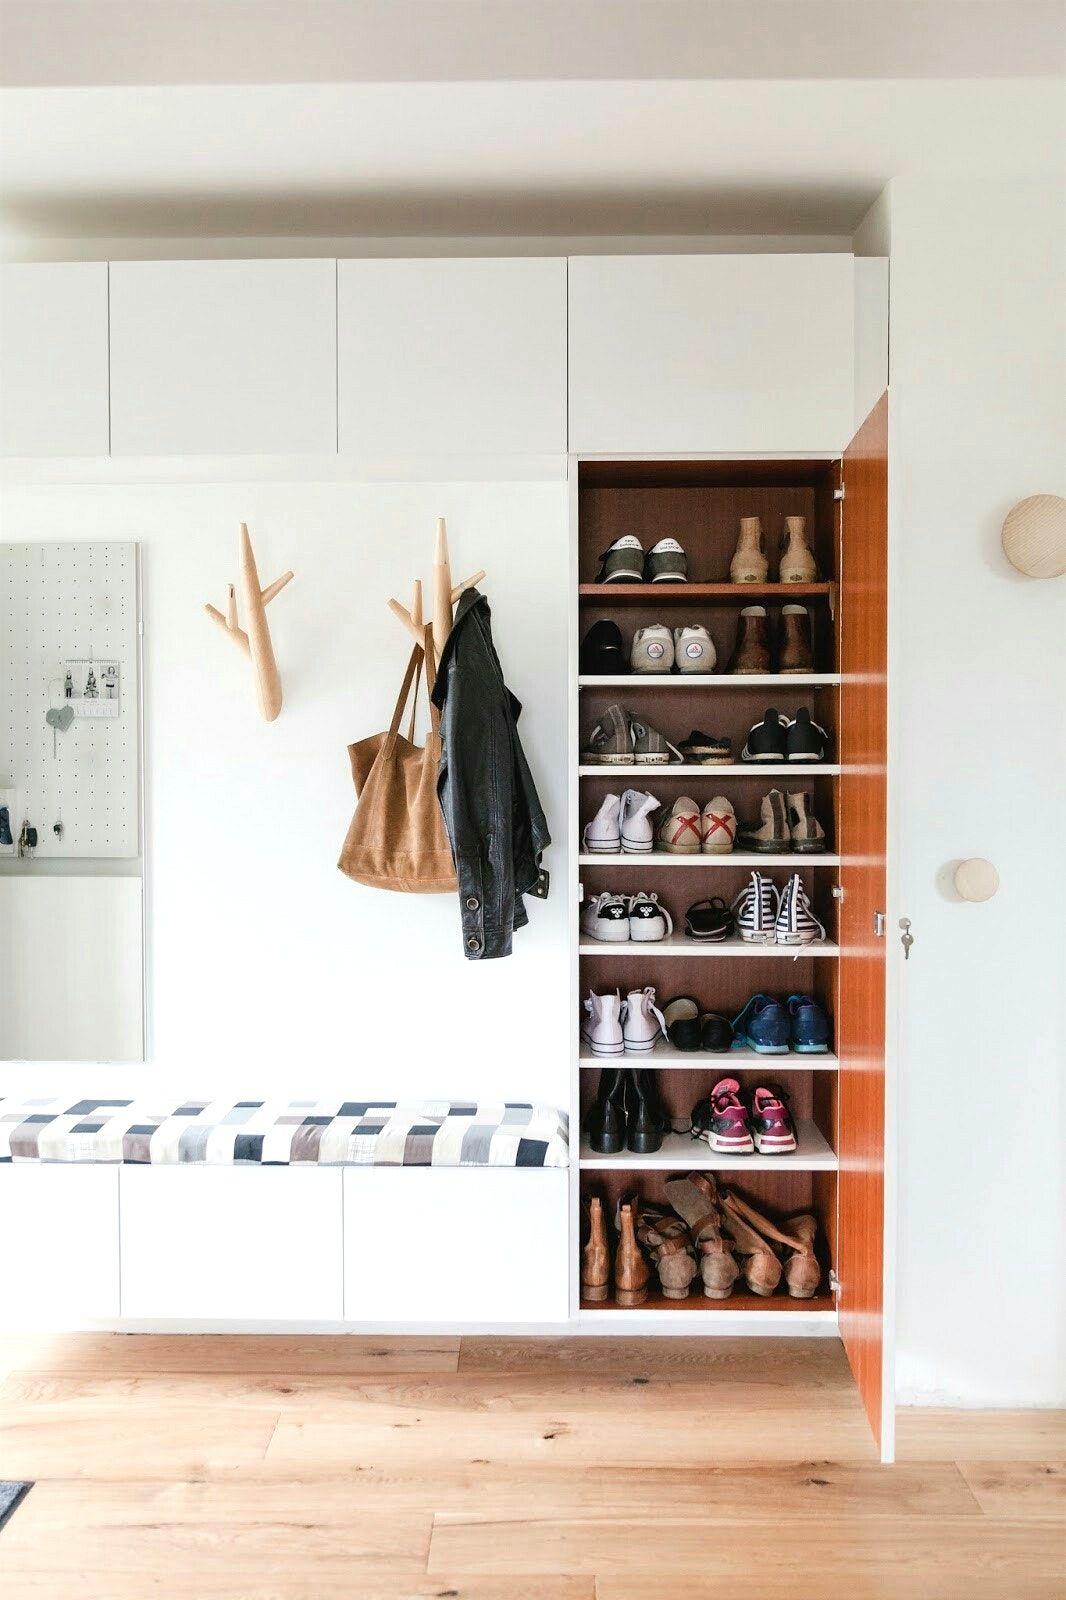 Phantasievolle Ideen Kleiner Flur Stauraum Und Attraktive Schuhe Bis